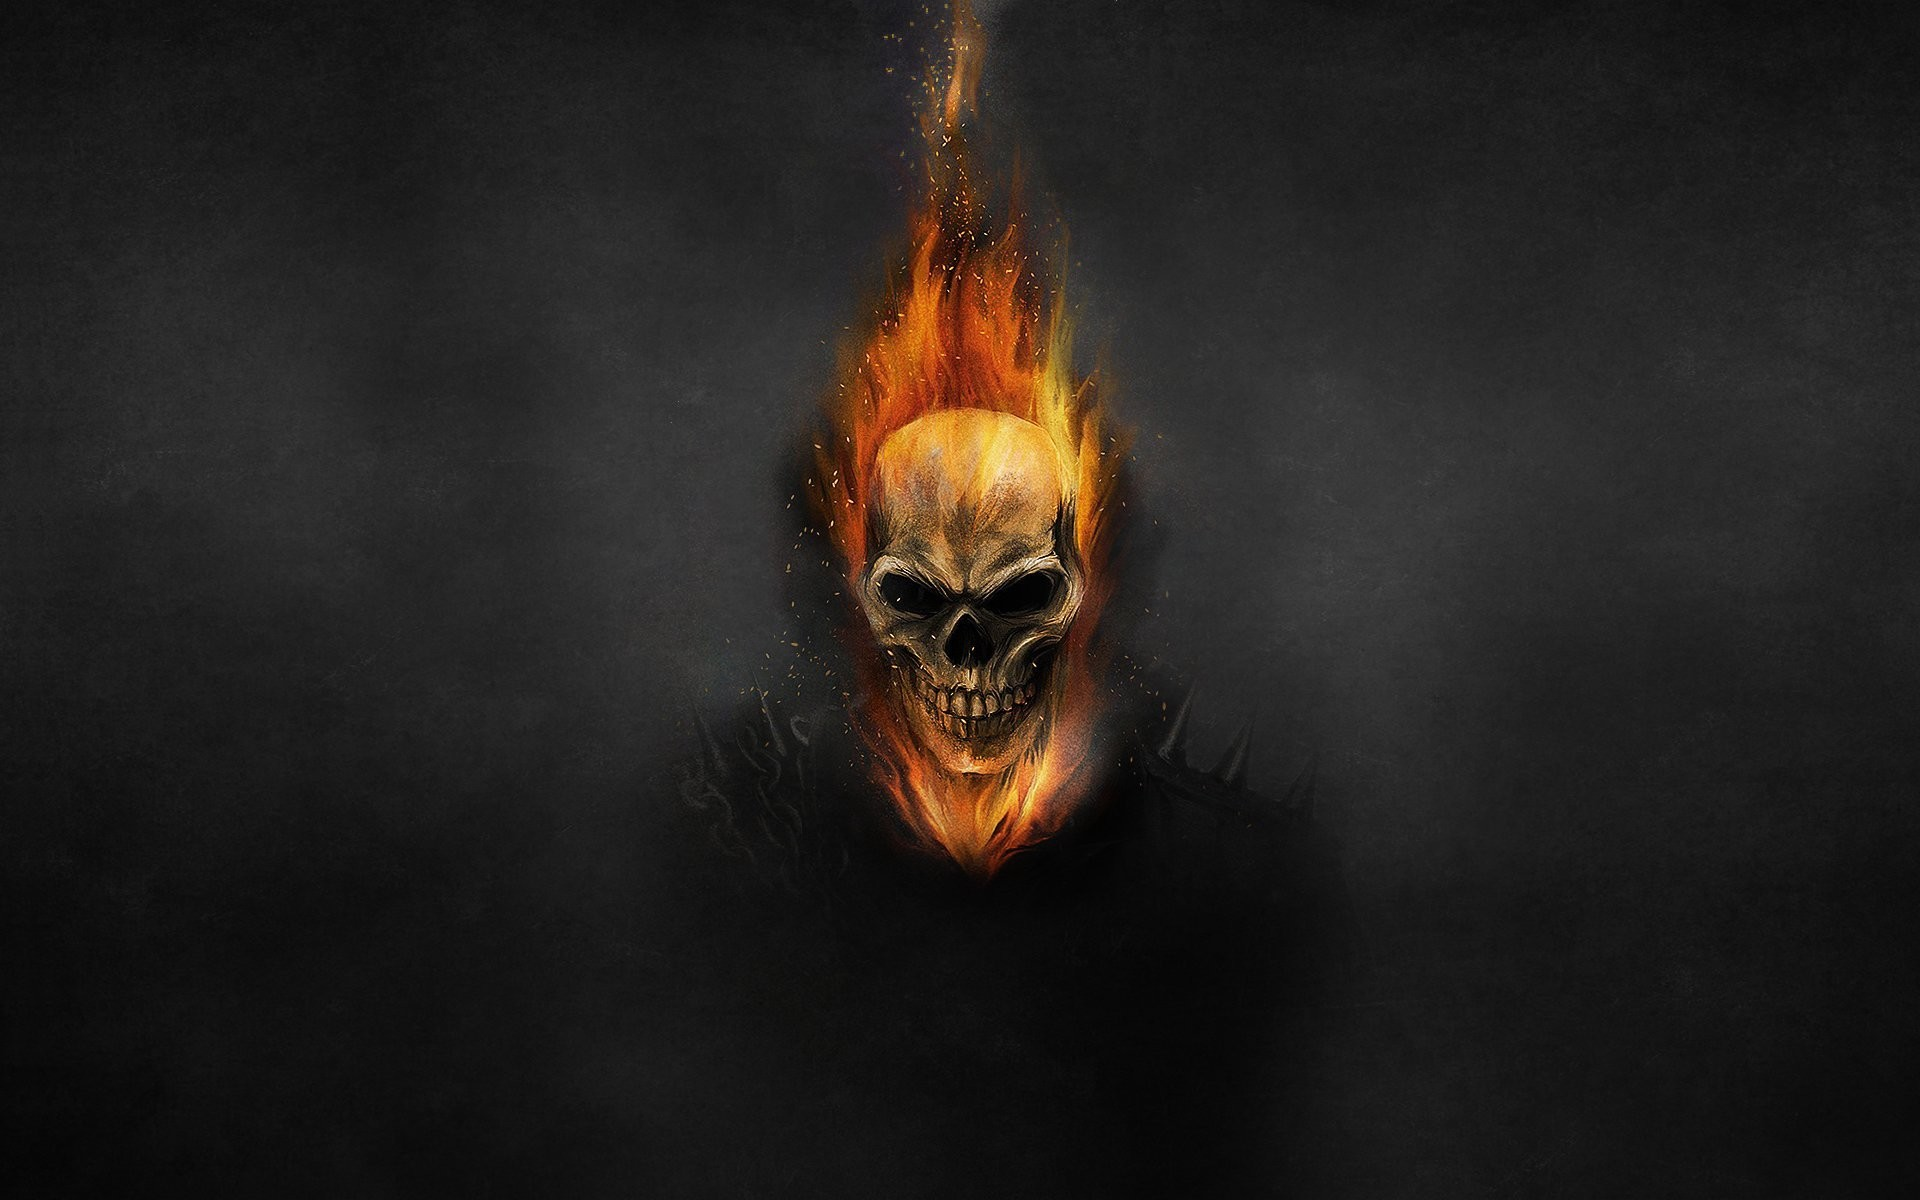 ghost rider ghost rider skeleton skull fire circuit dark background